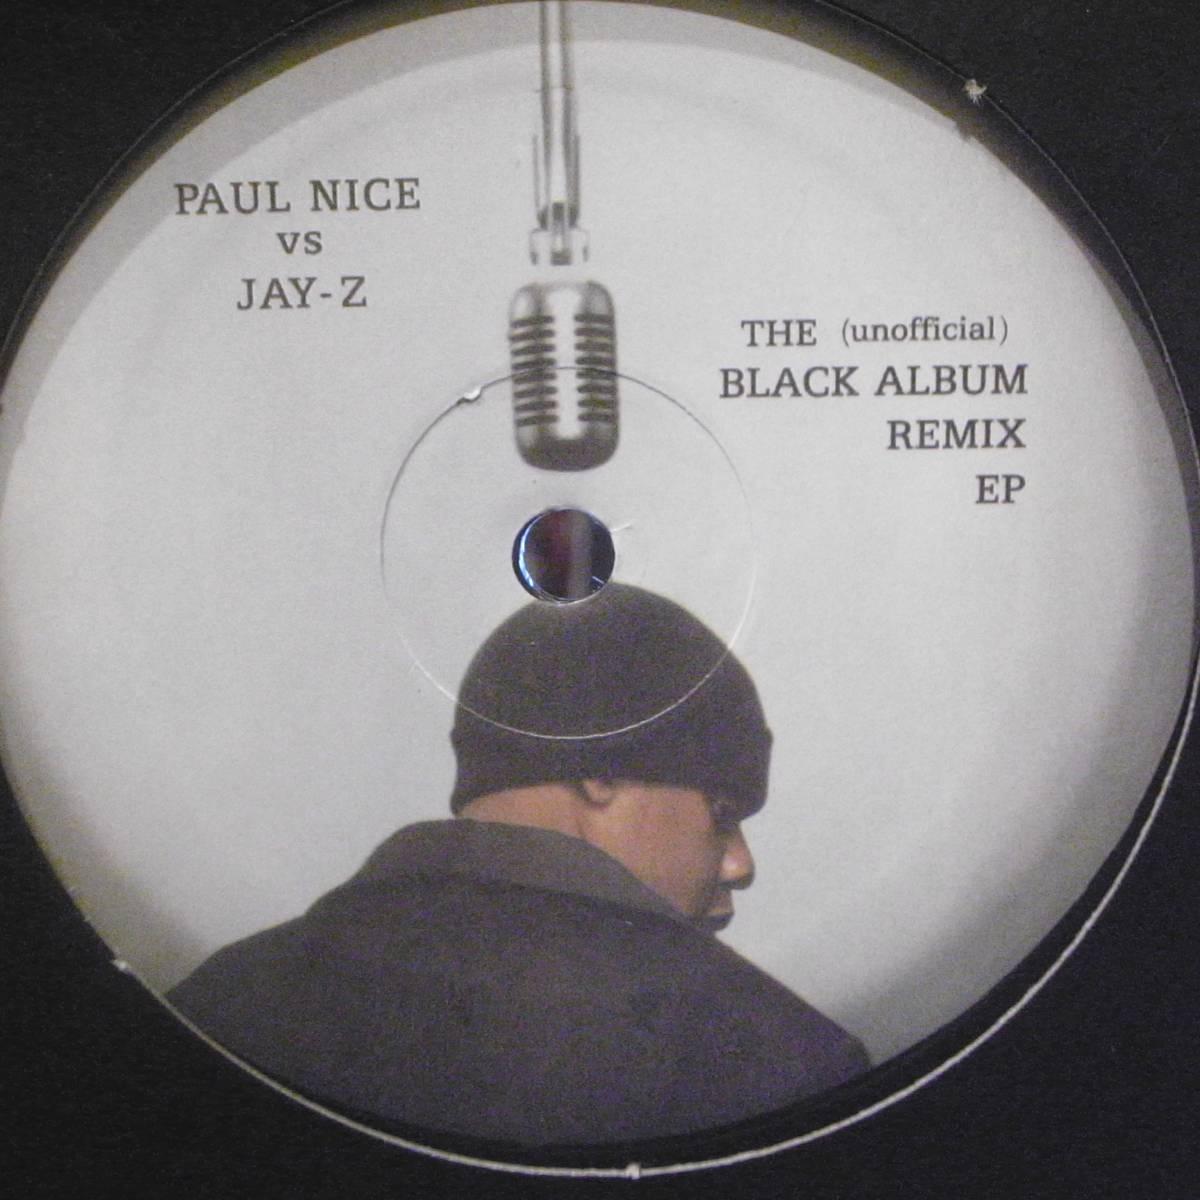 ★レア ブート 12★Paul Nice vs. Jay-Z★The (Unofficial) Black Album Remix EP★CHANGE CLOTHES★LUCIFER★99 PROBLEMS★ENCORE_画像1